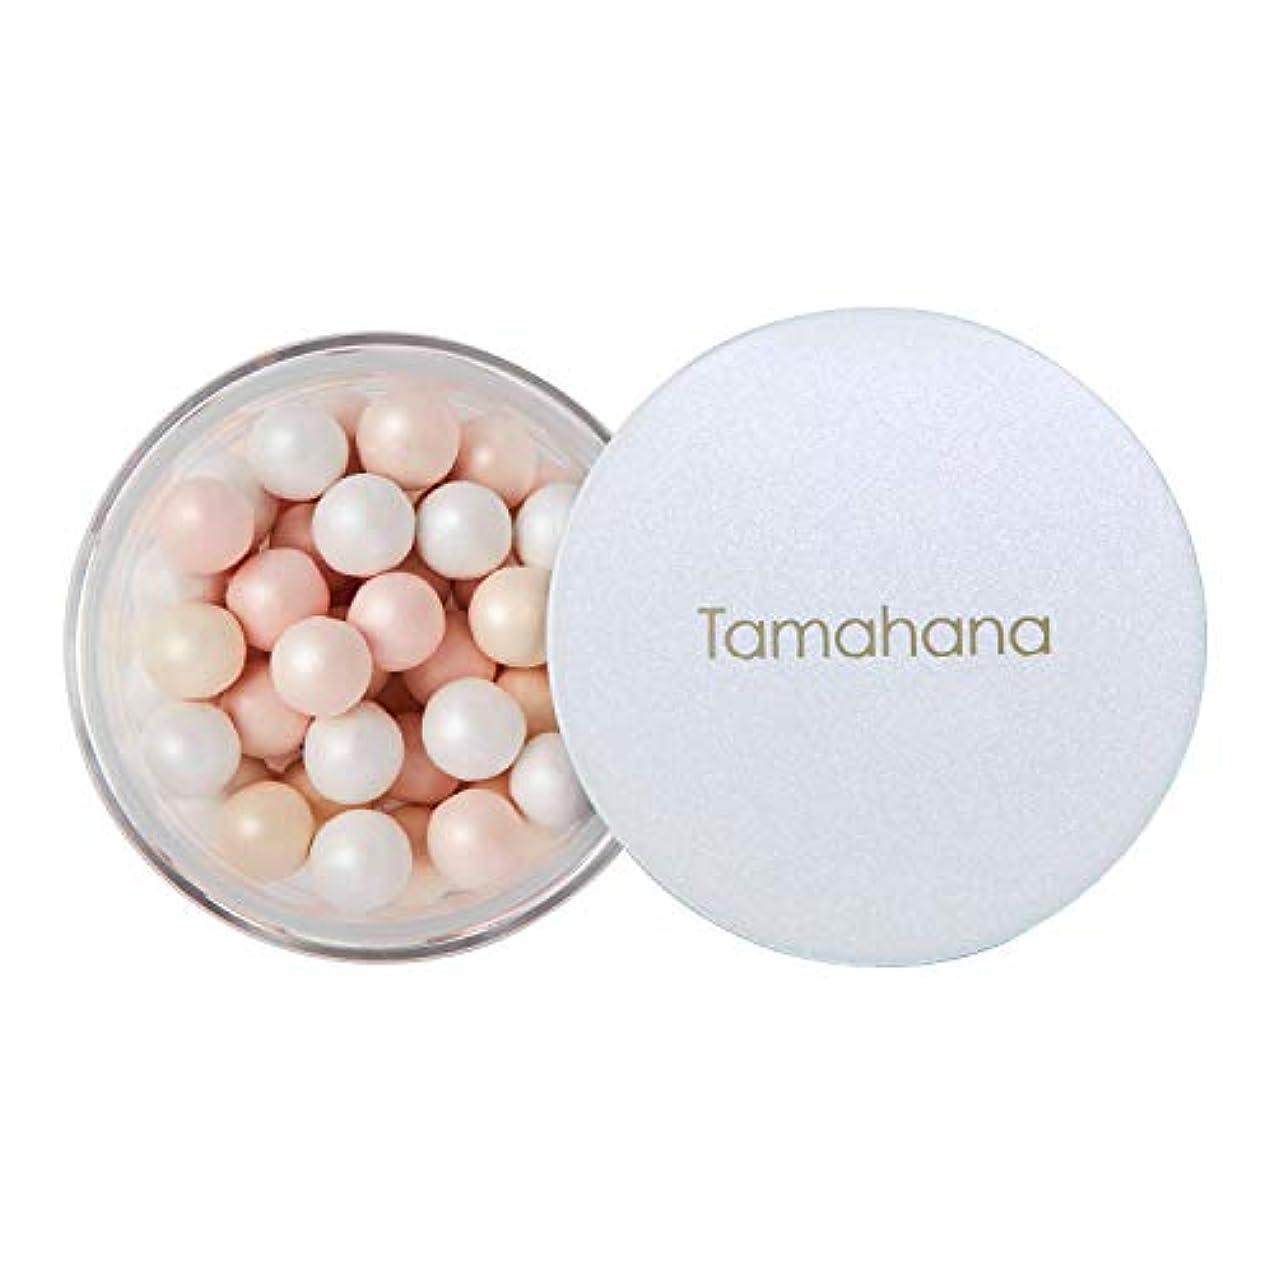 Tamahana(タマハナ) シャイニー ブライトニングルースパウダー パフ付 <フェイス?ボディーパウダー>